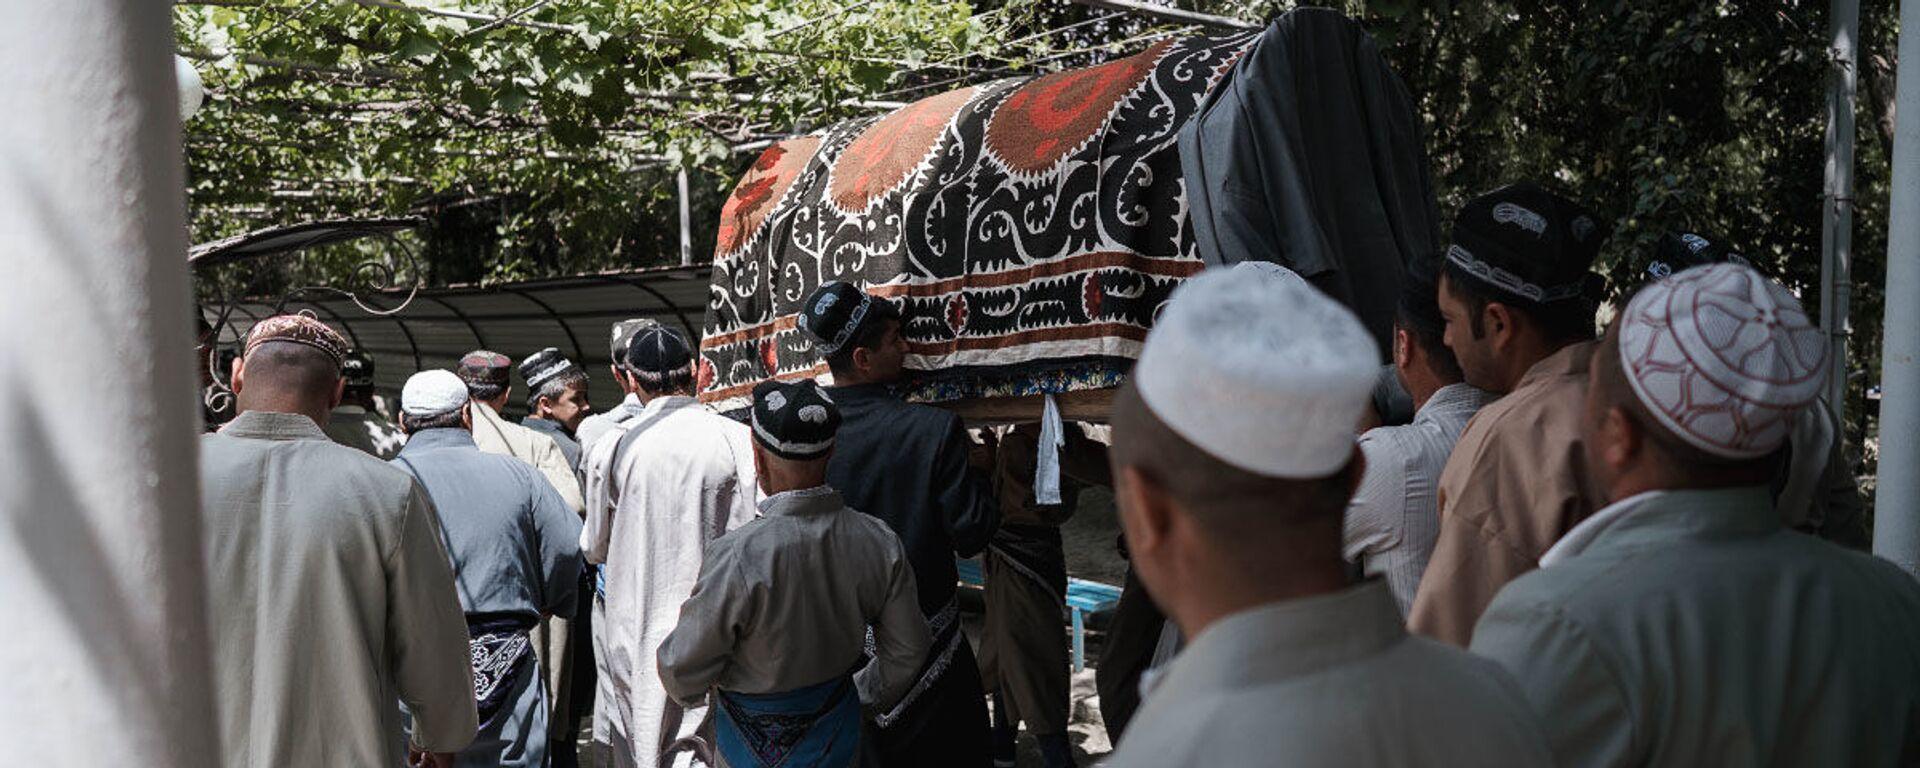 Похороны в Таджикистане, архивное фото - Sputnik Тоҷикистон, 1920, 18.07.2021